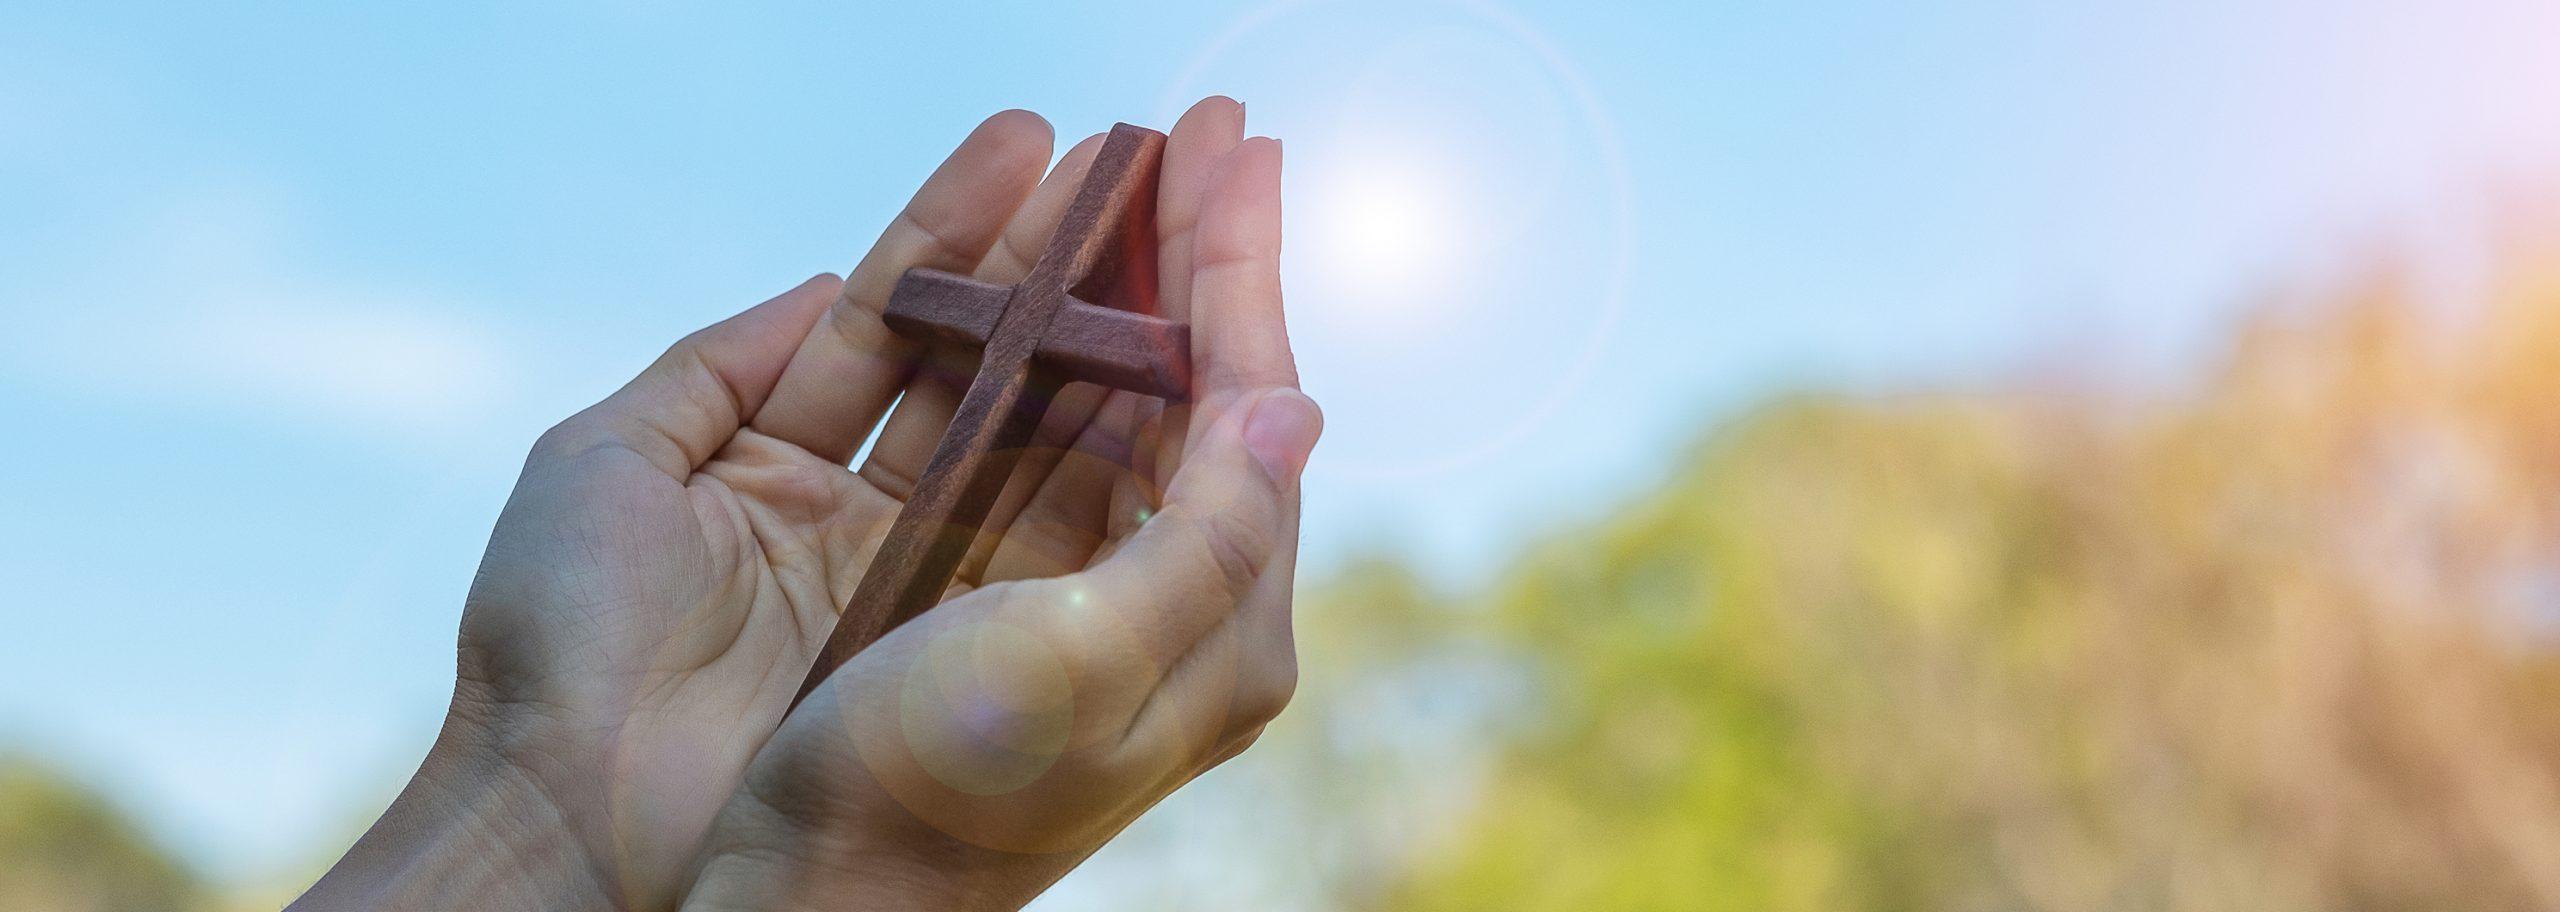 The Role of Faith